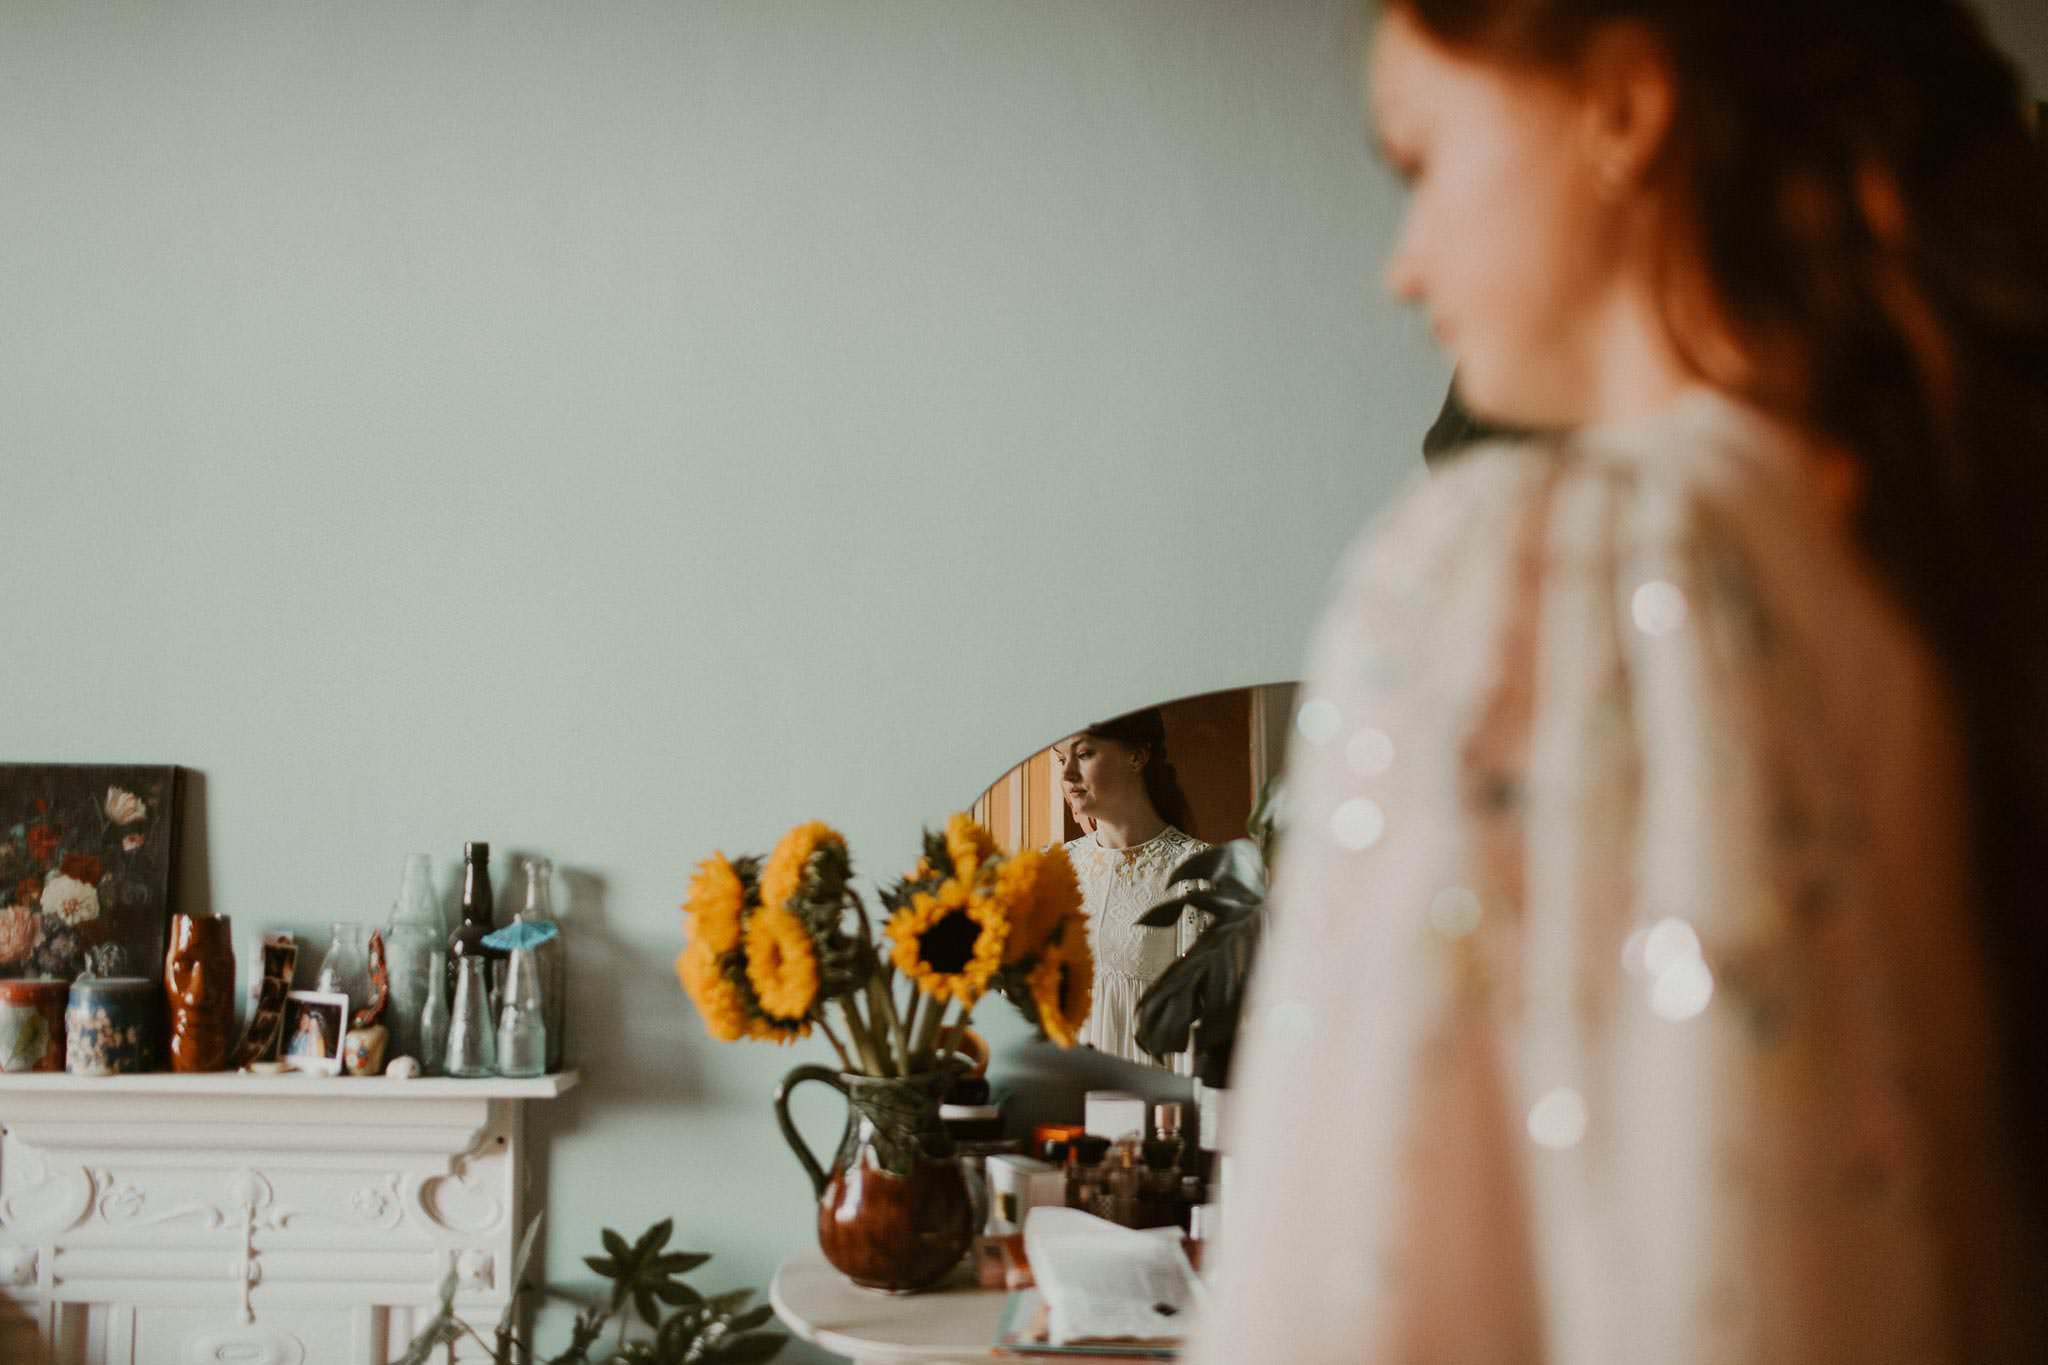 scottish-wedding-photography-026